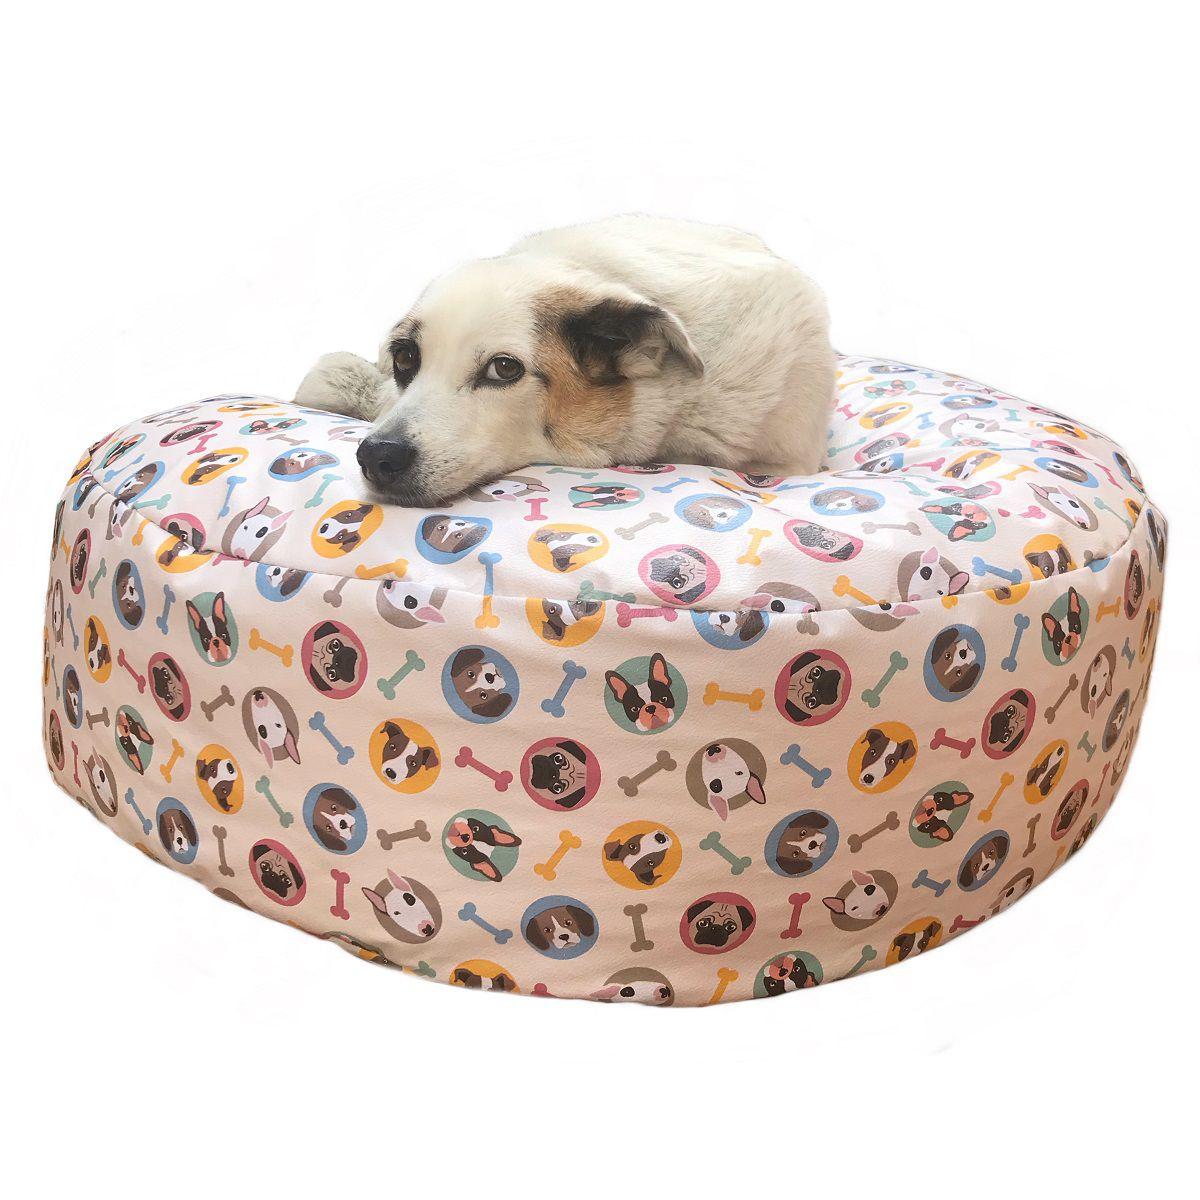 Puff Para Pet tamanho M Medidas 80diametro x 20altura Impermeável Fácil Limpeza - Ótima Opção Para Presente !